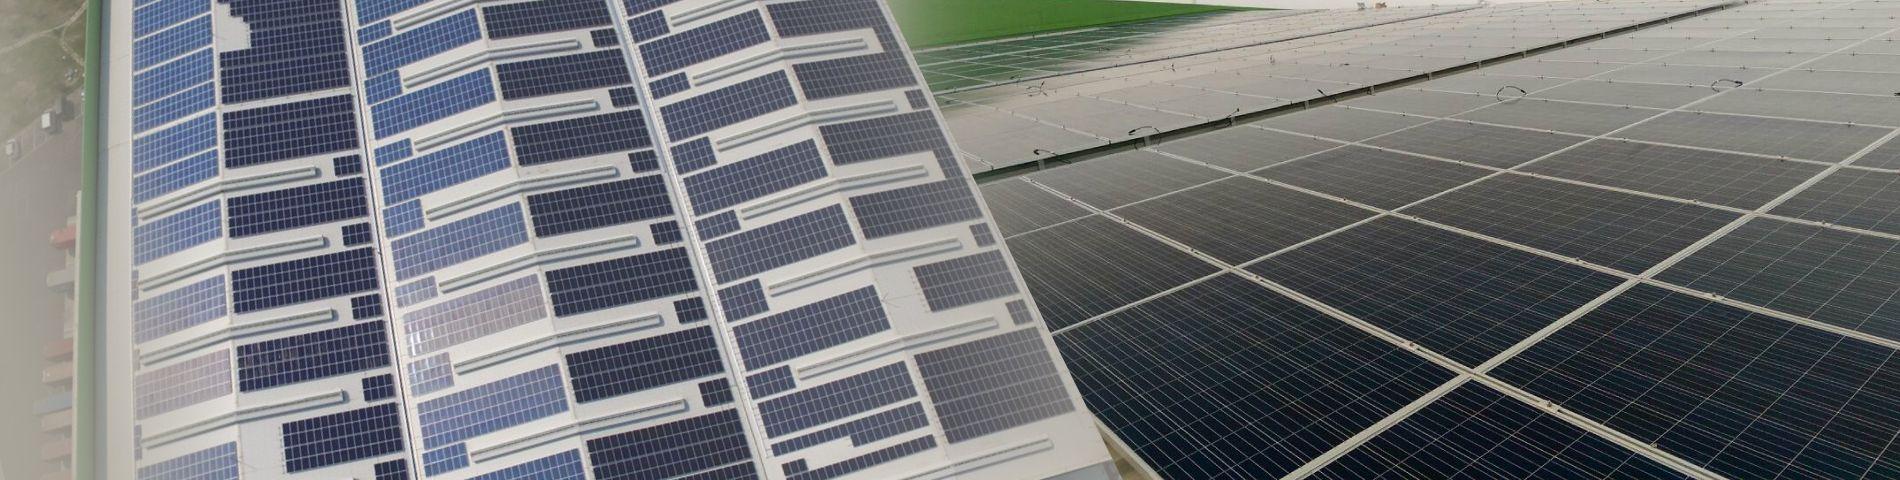 Panneaux solaires  Power Equipment